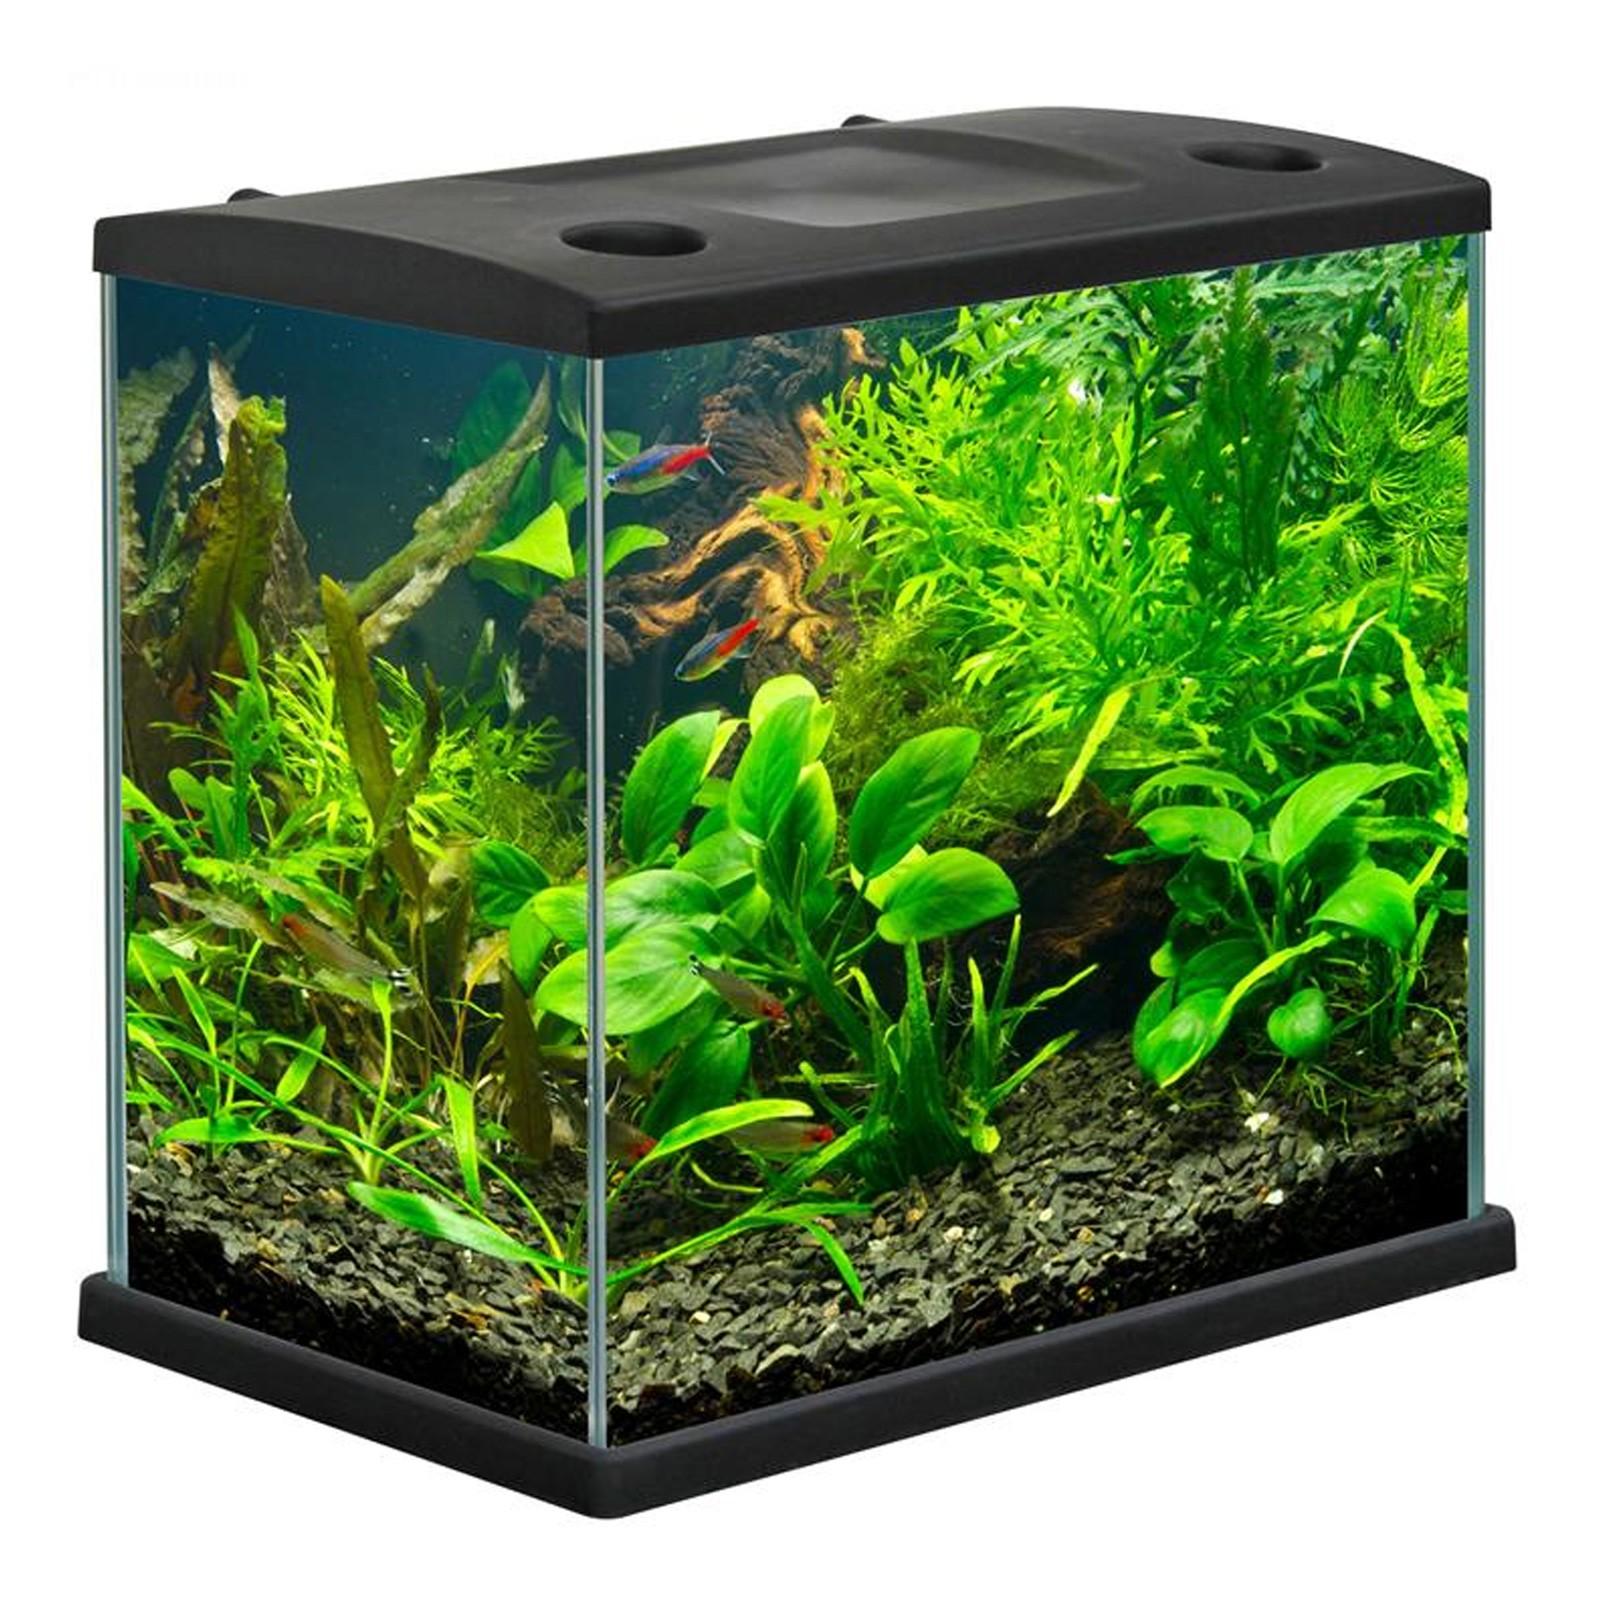 Acquario completo mtb cleo plus accessoriato 22 5 l nero for Acquario tartarughe completo